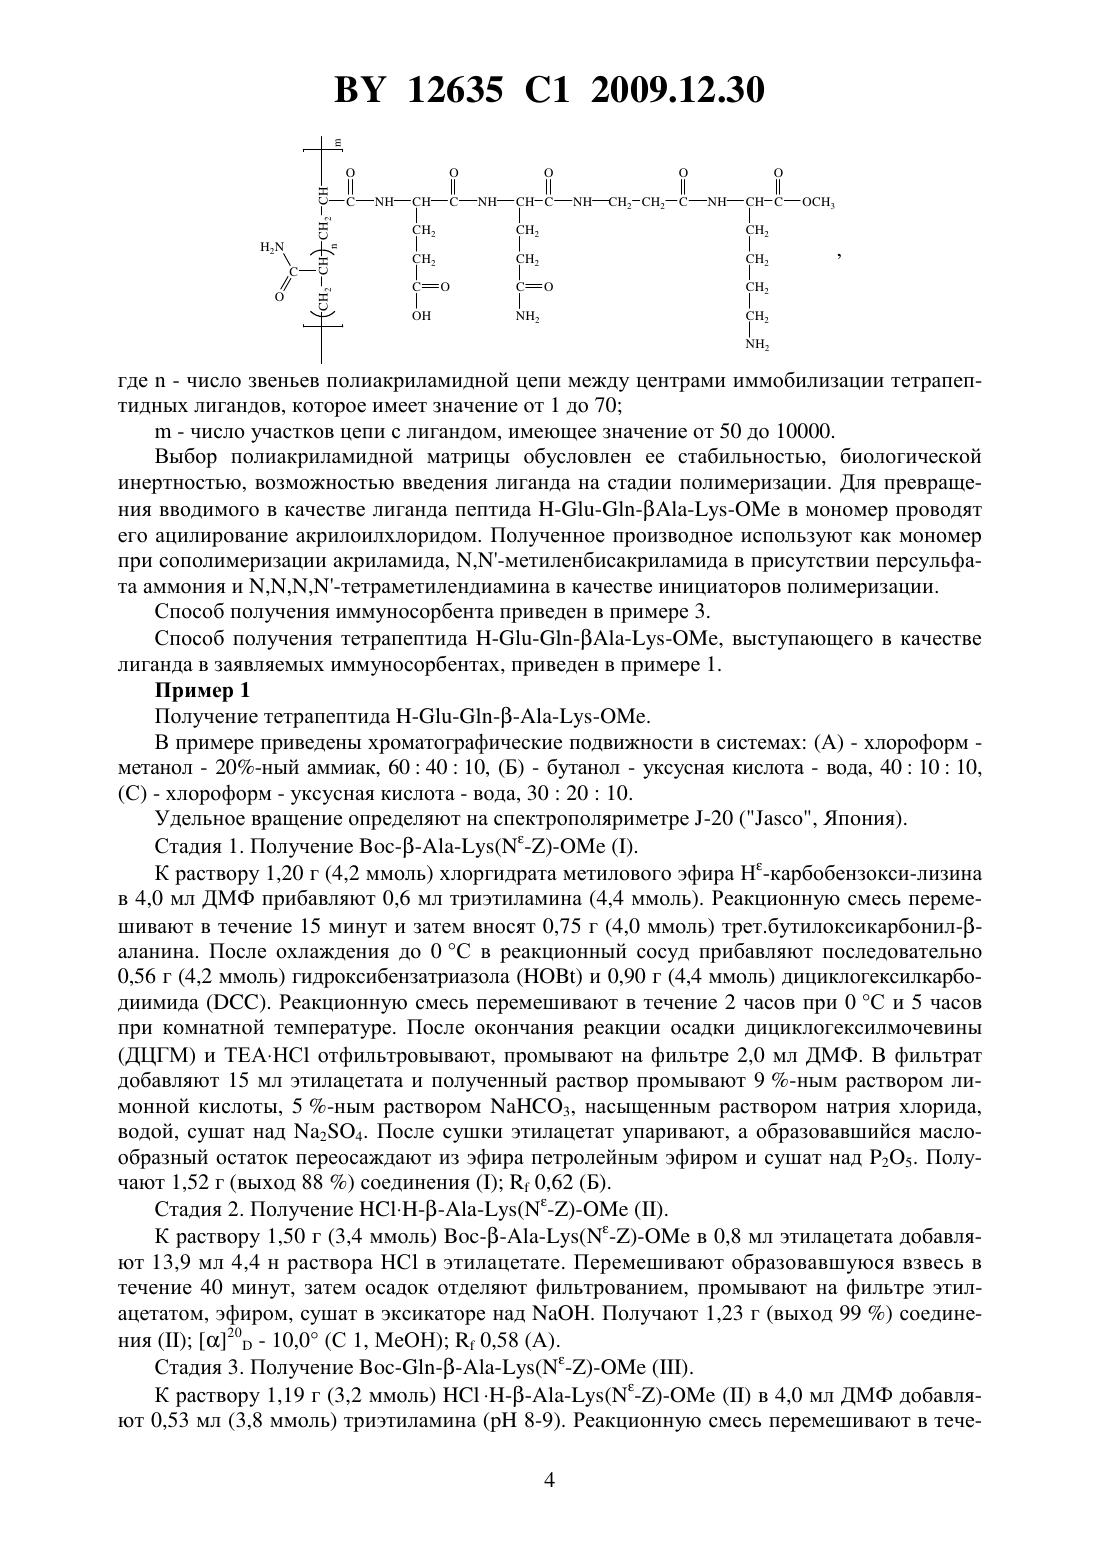 Таблица химического состава плазмы и сыворотки крови человека